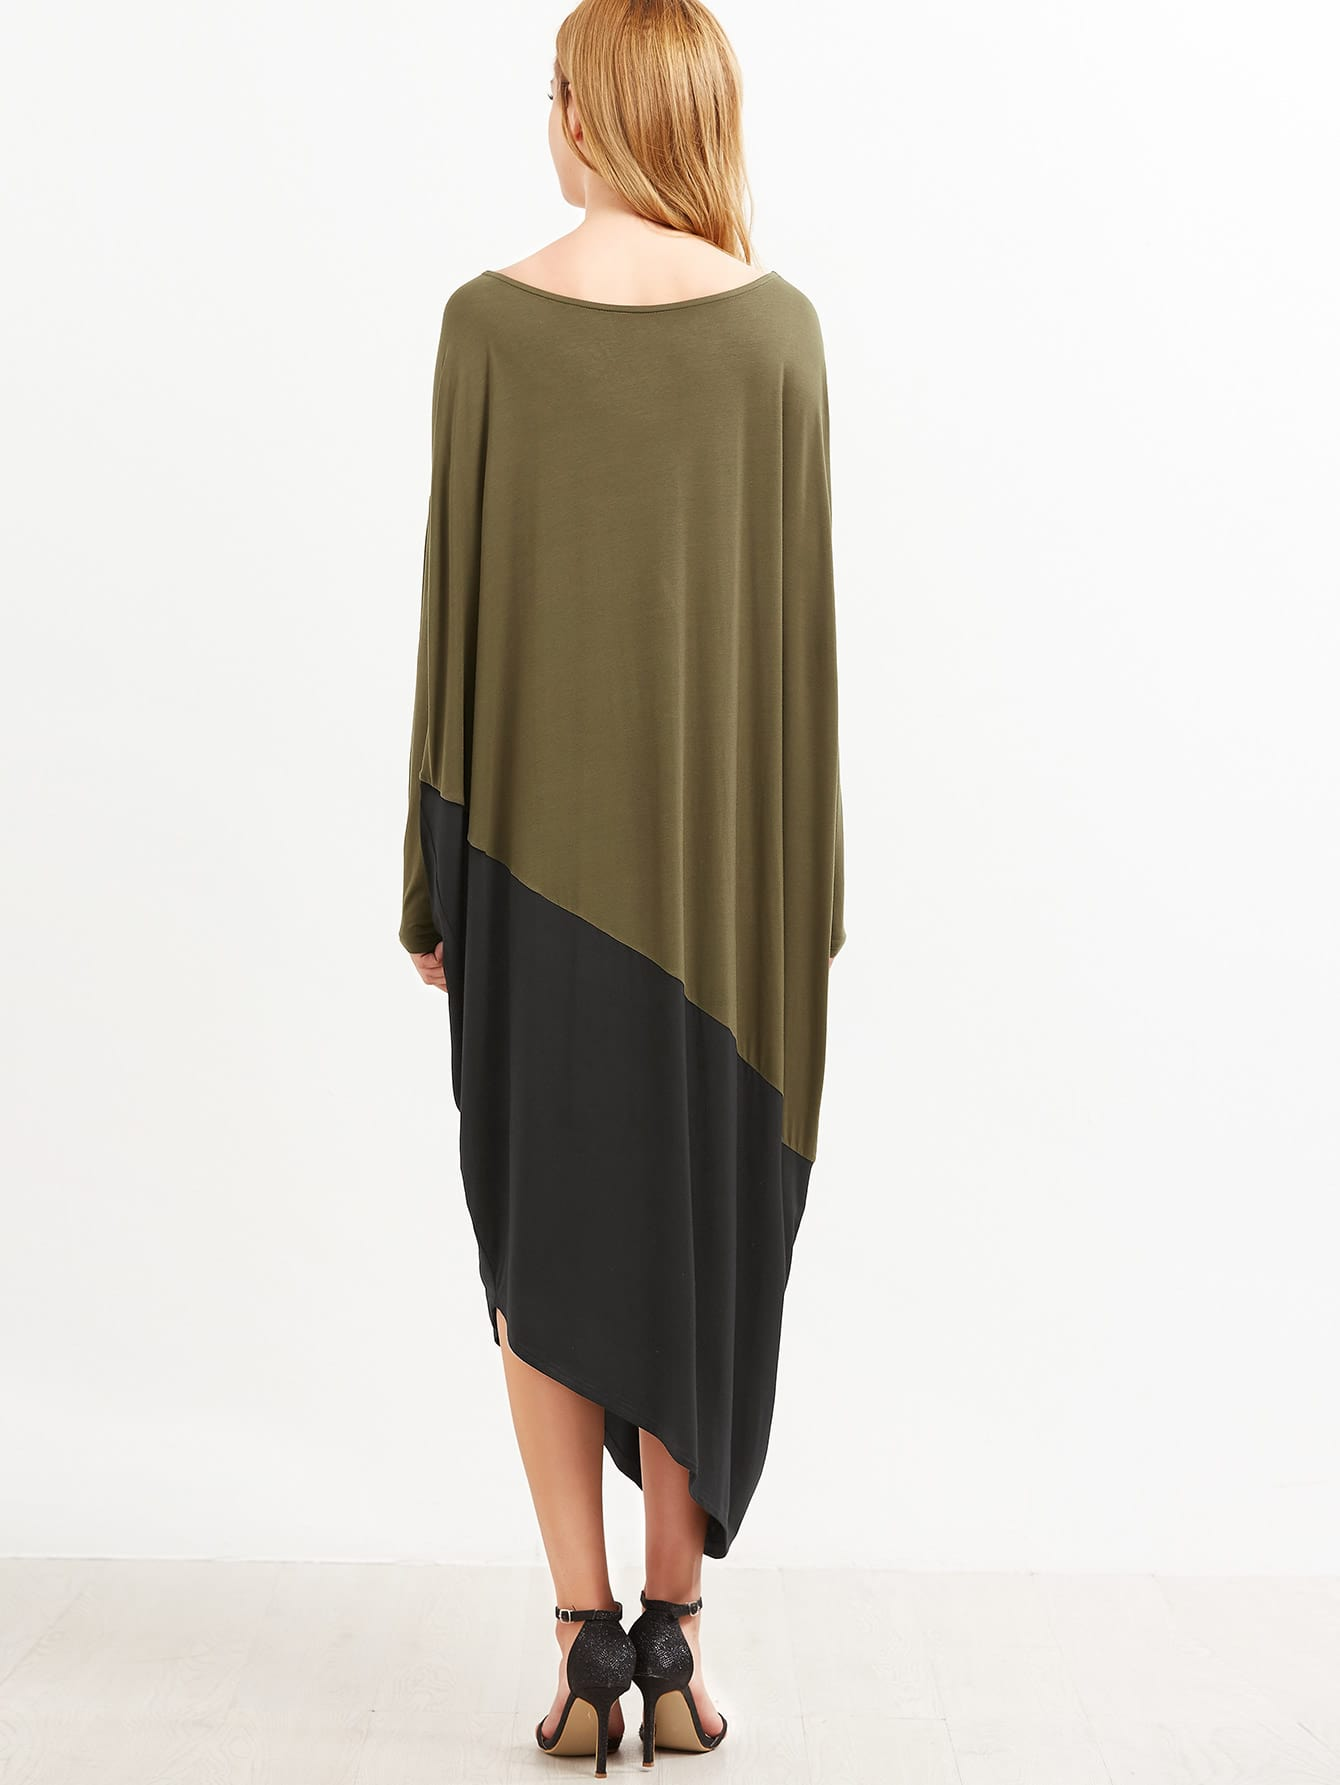 dress161108701_2